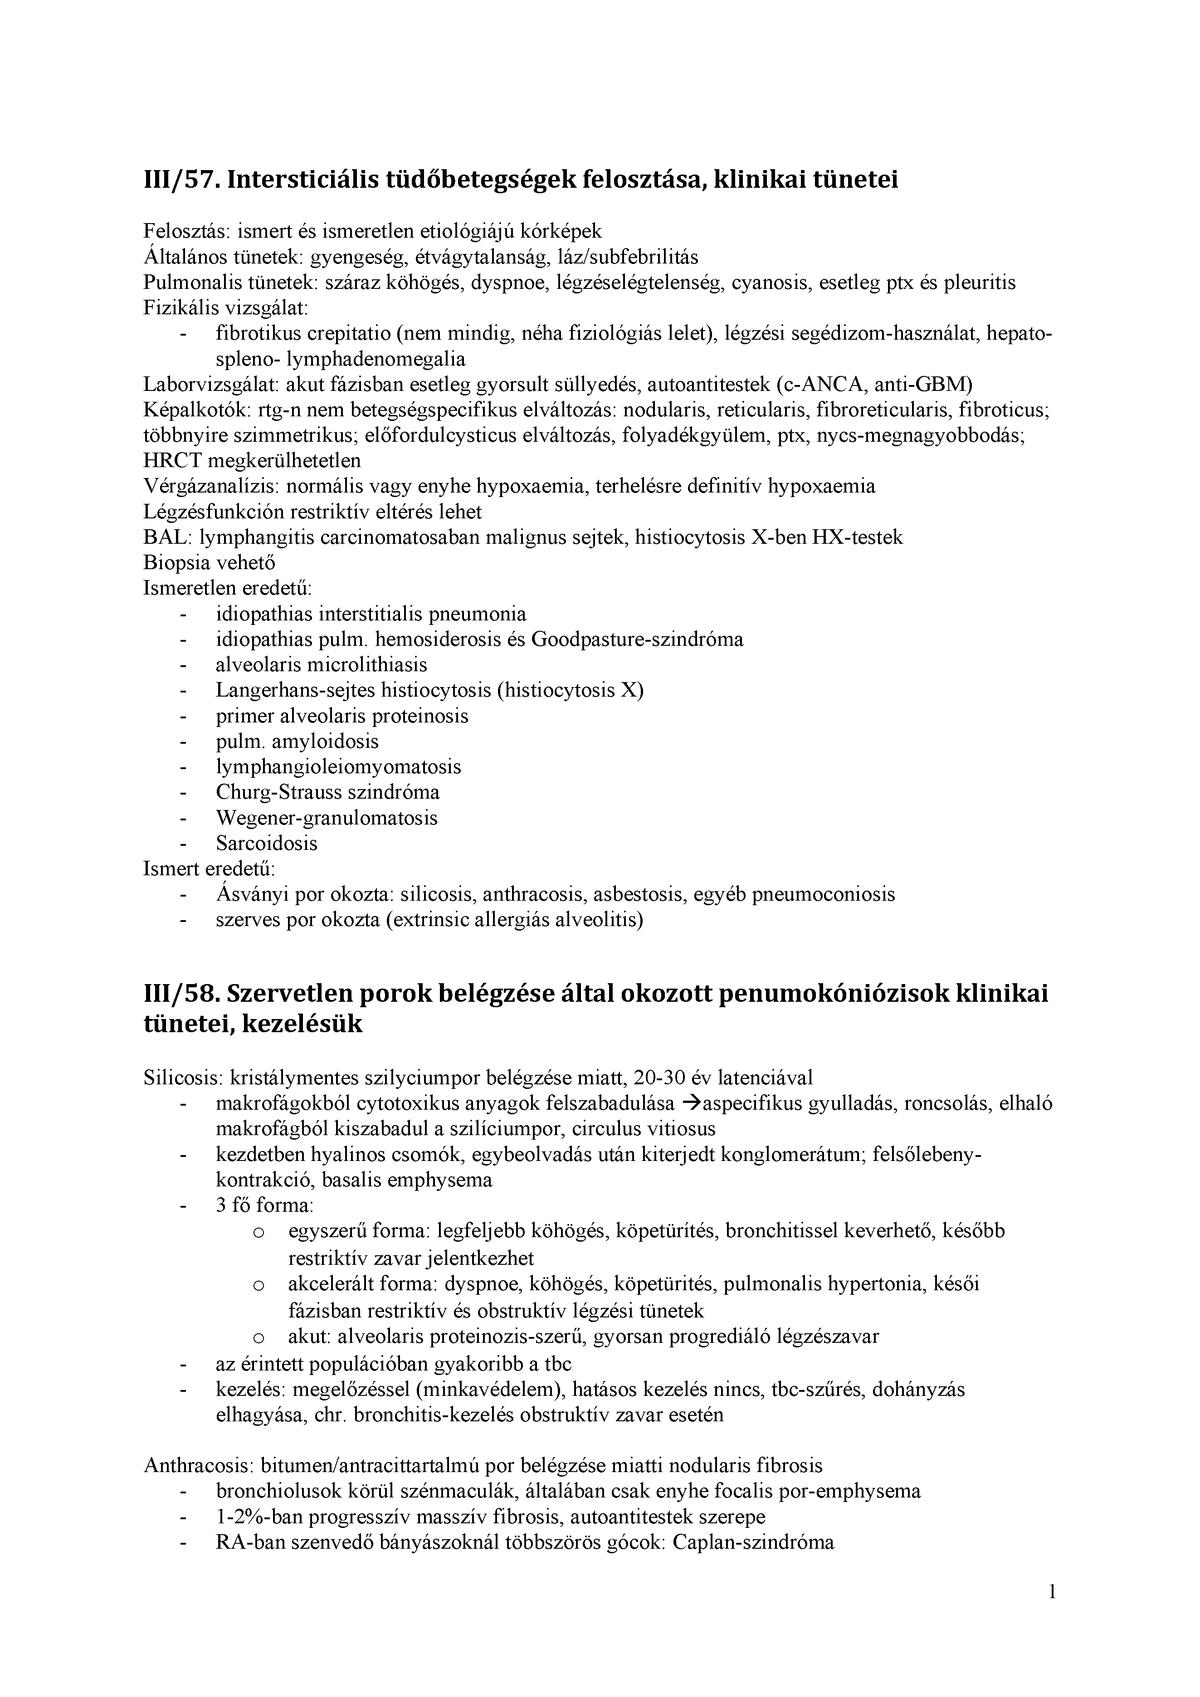 etiológiai schistosomiasis szer